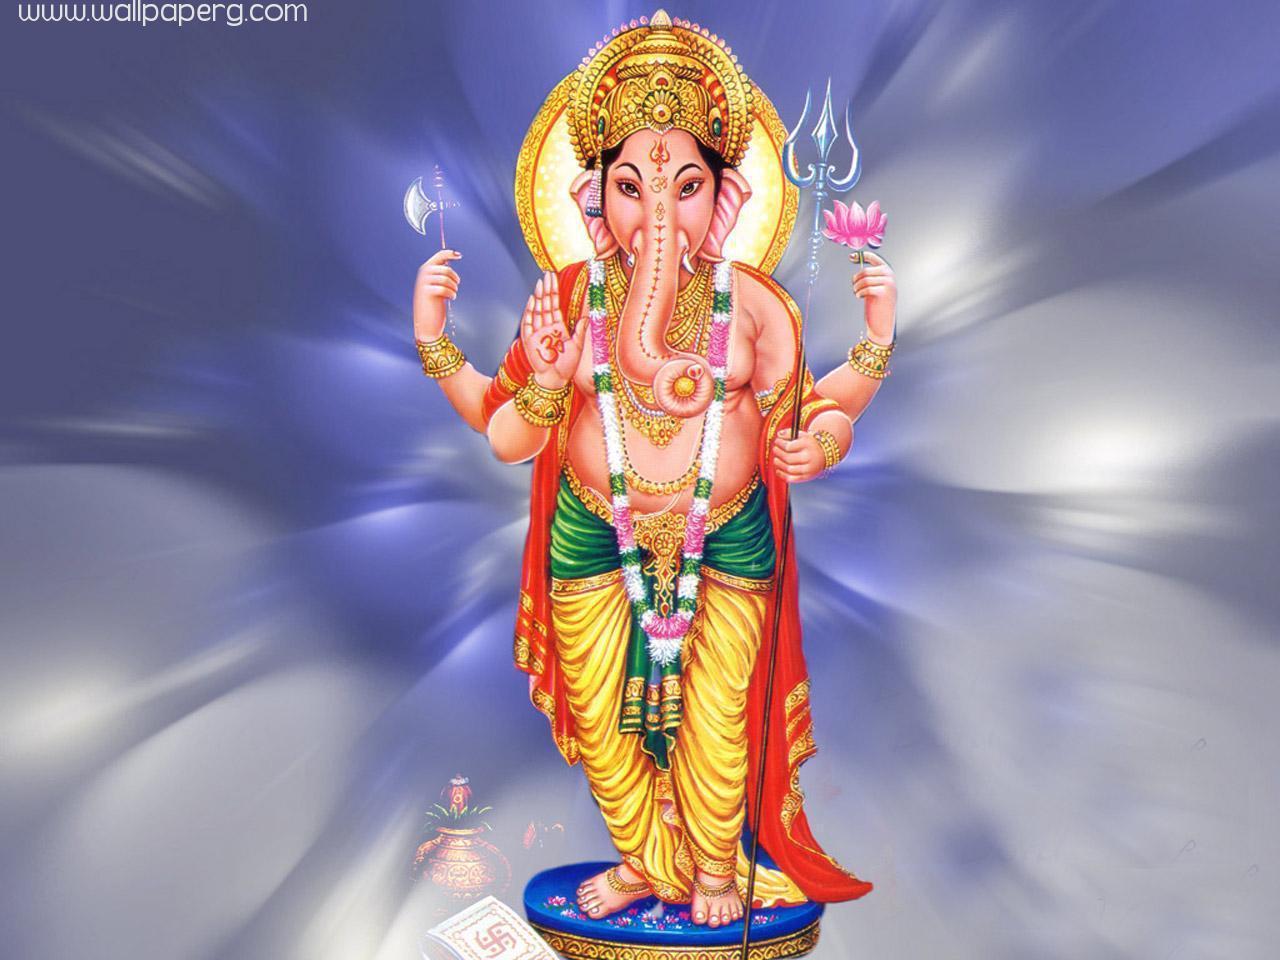 1280x960 Vinayagar Wallpaper Tải xuống cho điện thoại di động - Lord Ganesha Standing